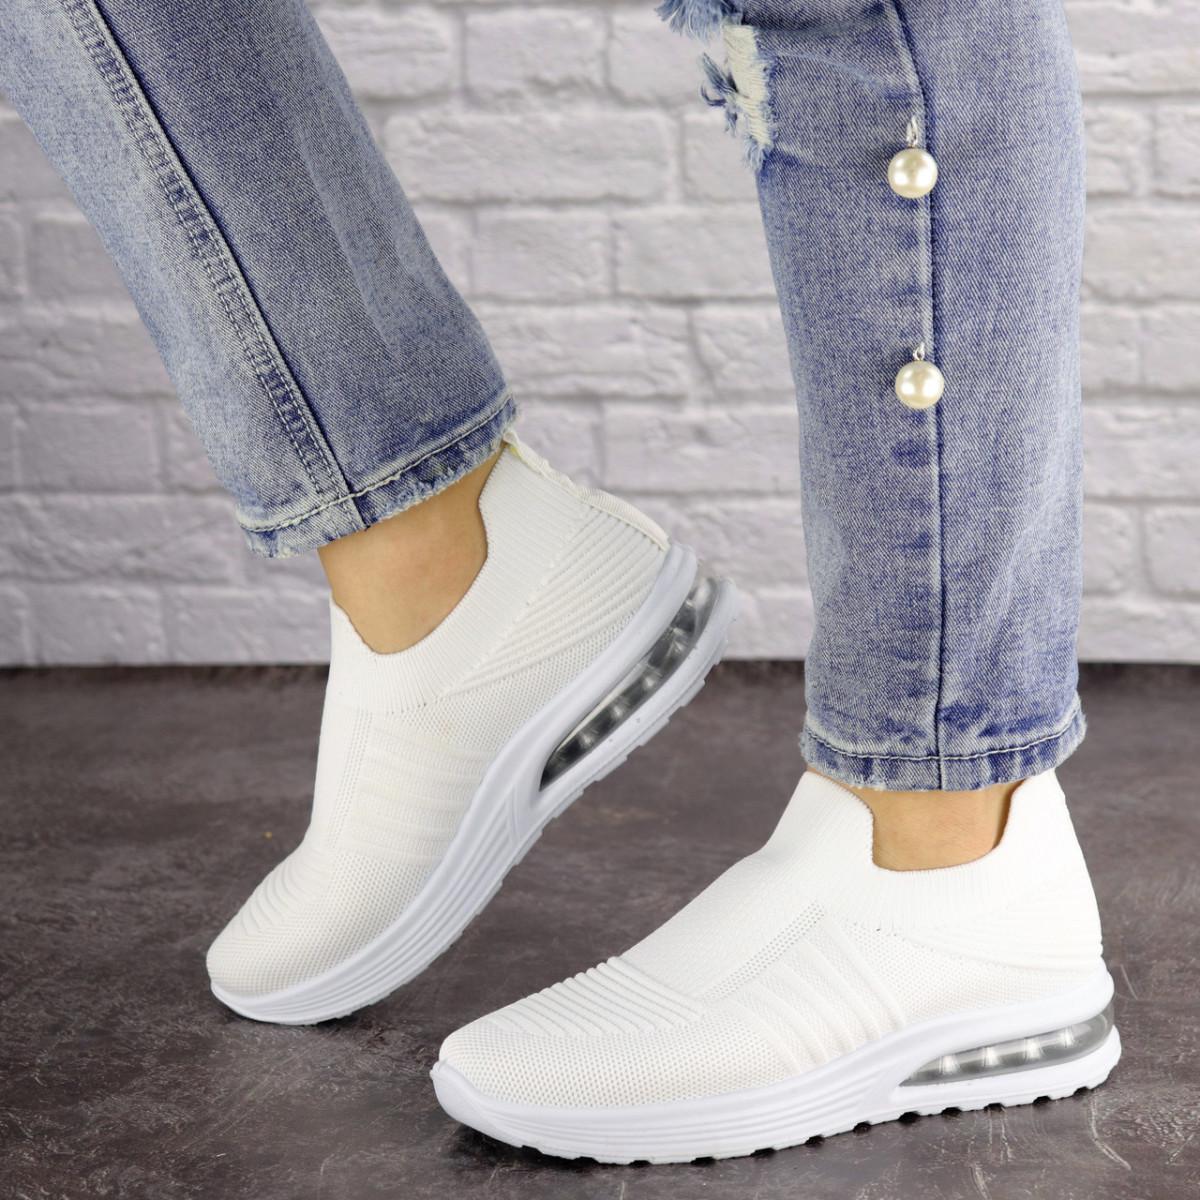 Женские белые кроссовки Lambert 1524 (36 размер)